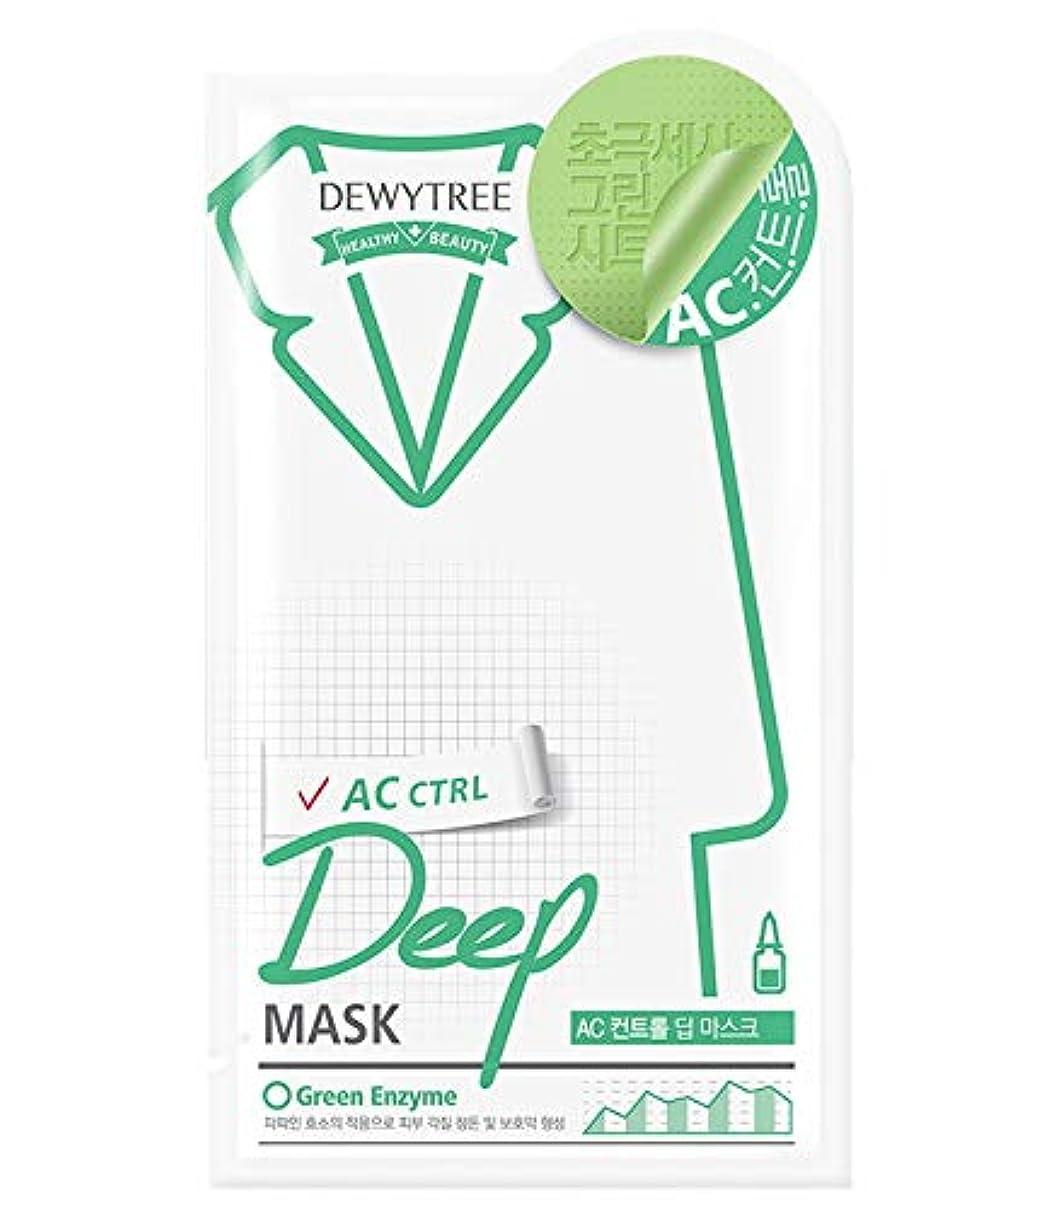 見せます夢障害者(デューイトゥリー) DEWYTREE ACコントロールディープマスク 20枚 AC Control Deep Mask 韓国マスクパック (並行輸入品)